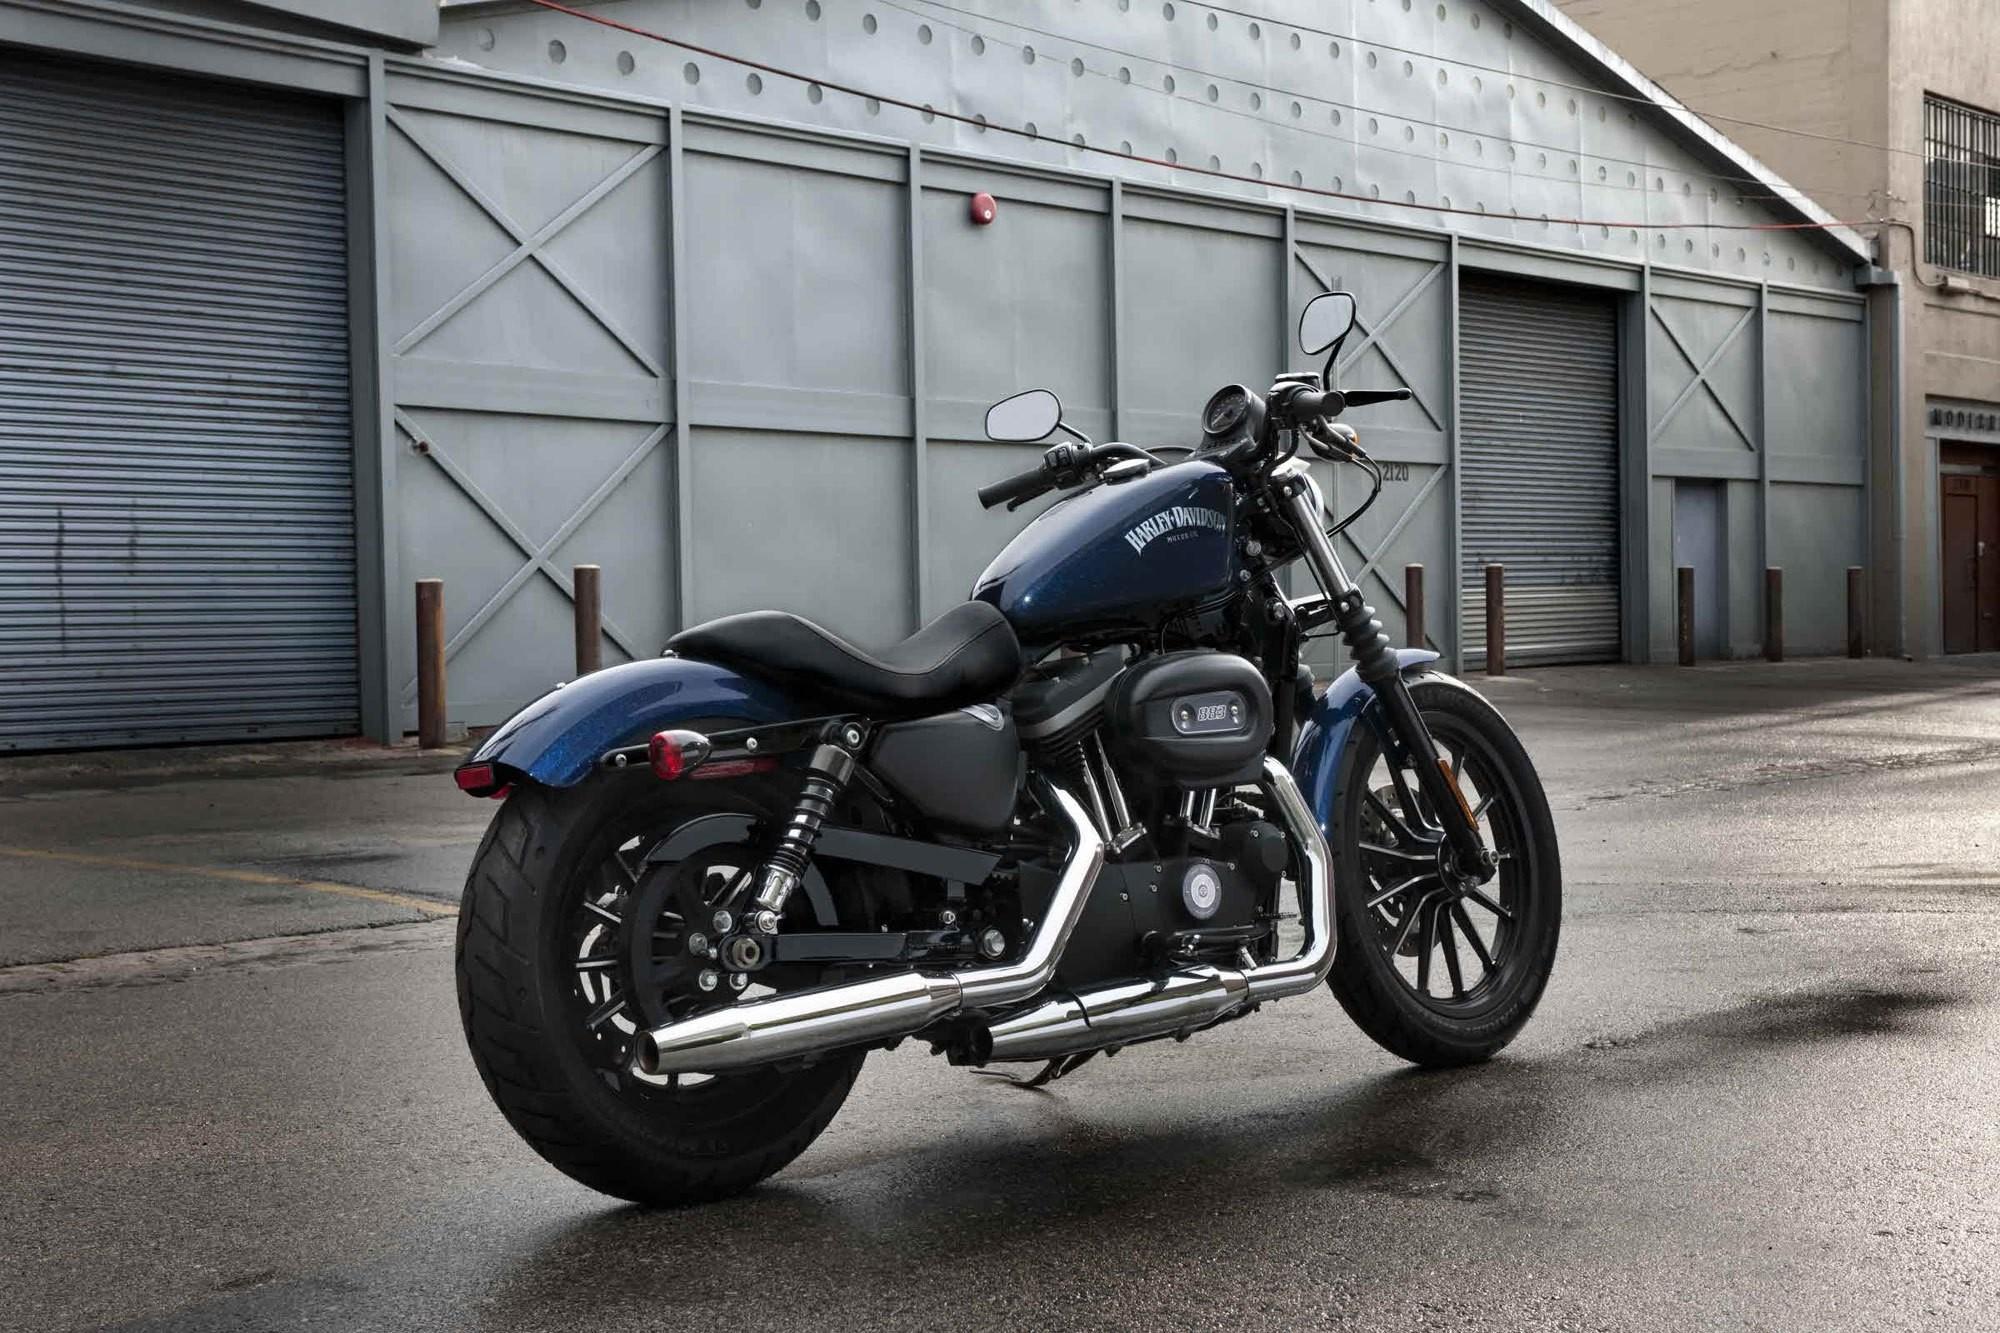 Harley Davidson Backgrounds For Desktop 74 Pictures